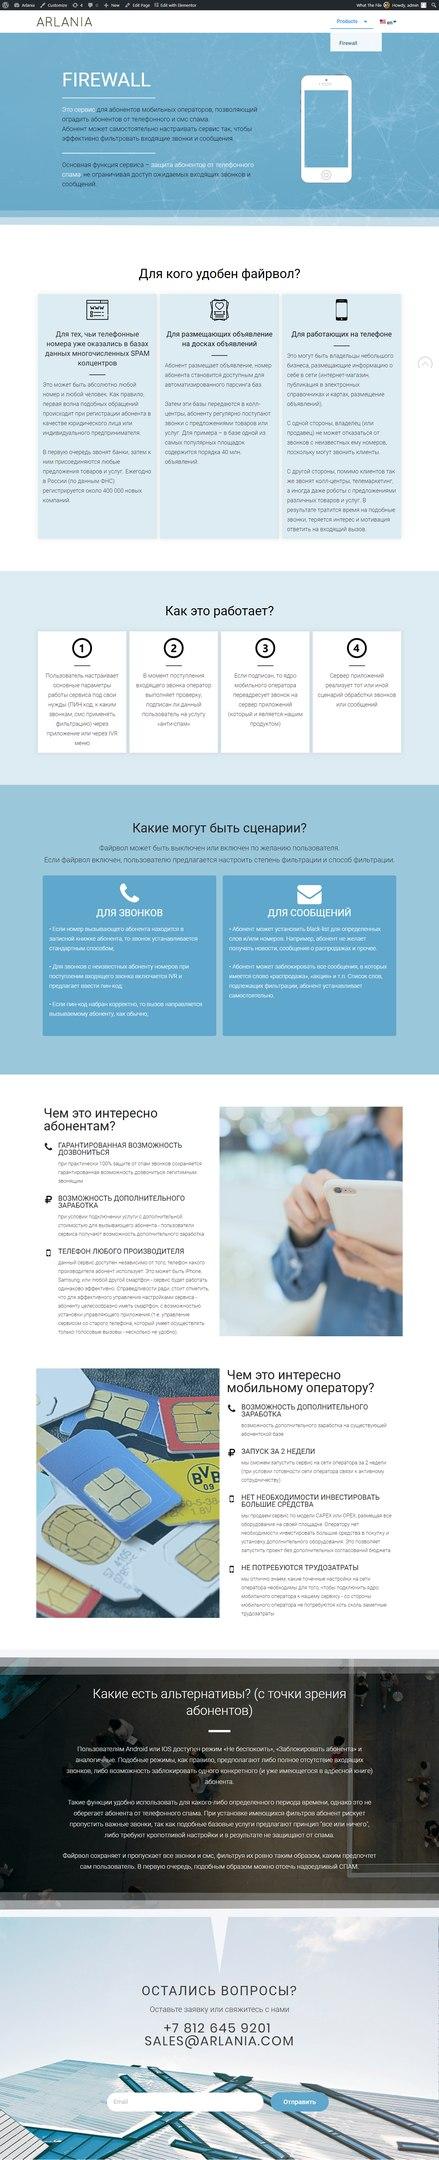 Мультиязычный сайт на Wordpress для небольшого стартапа - https://arlania.com/